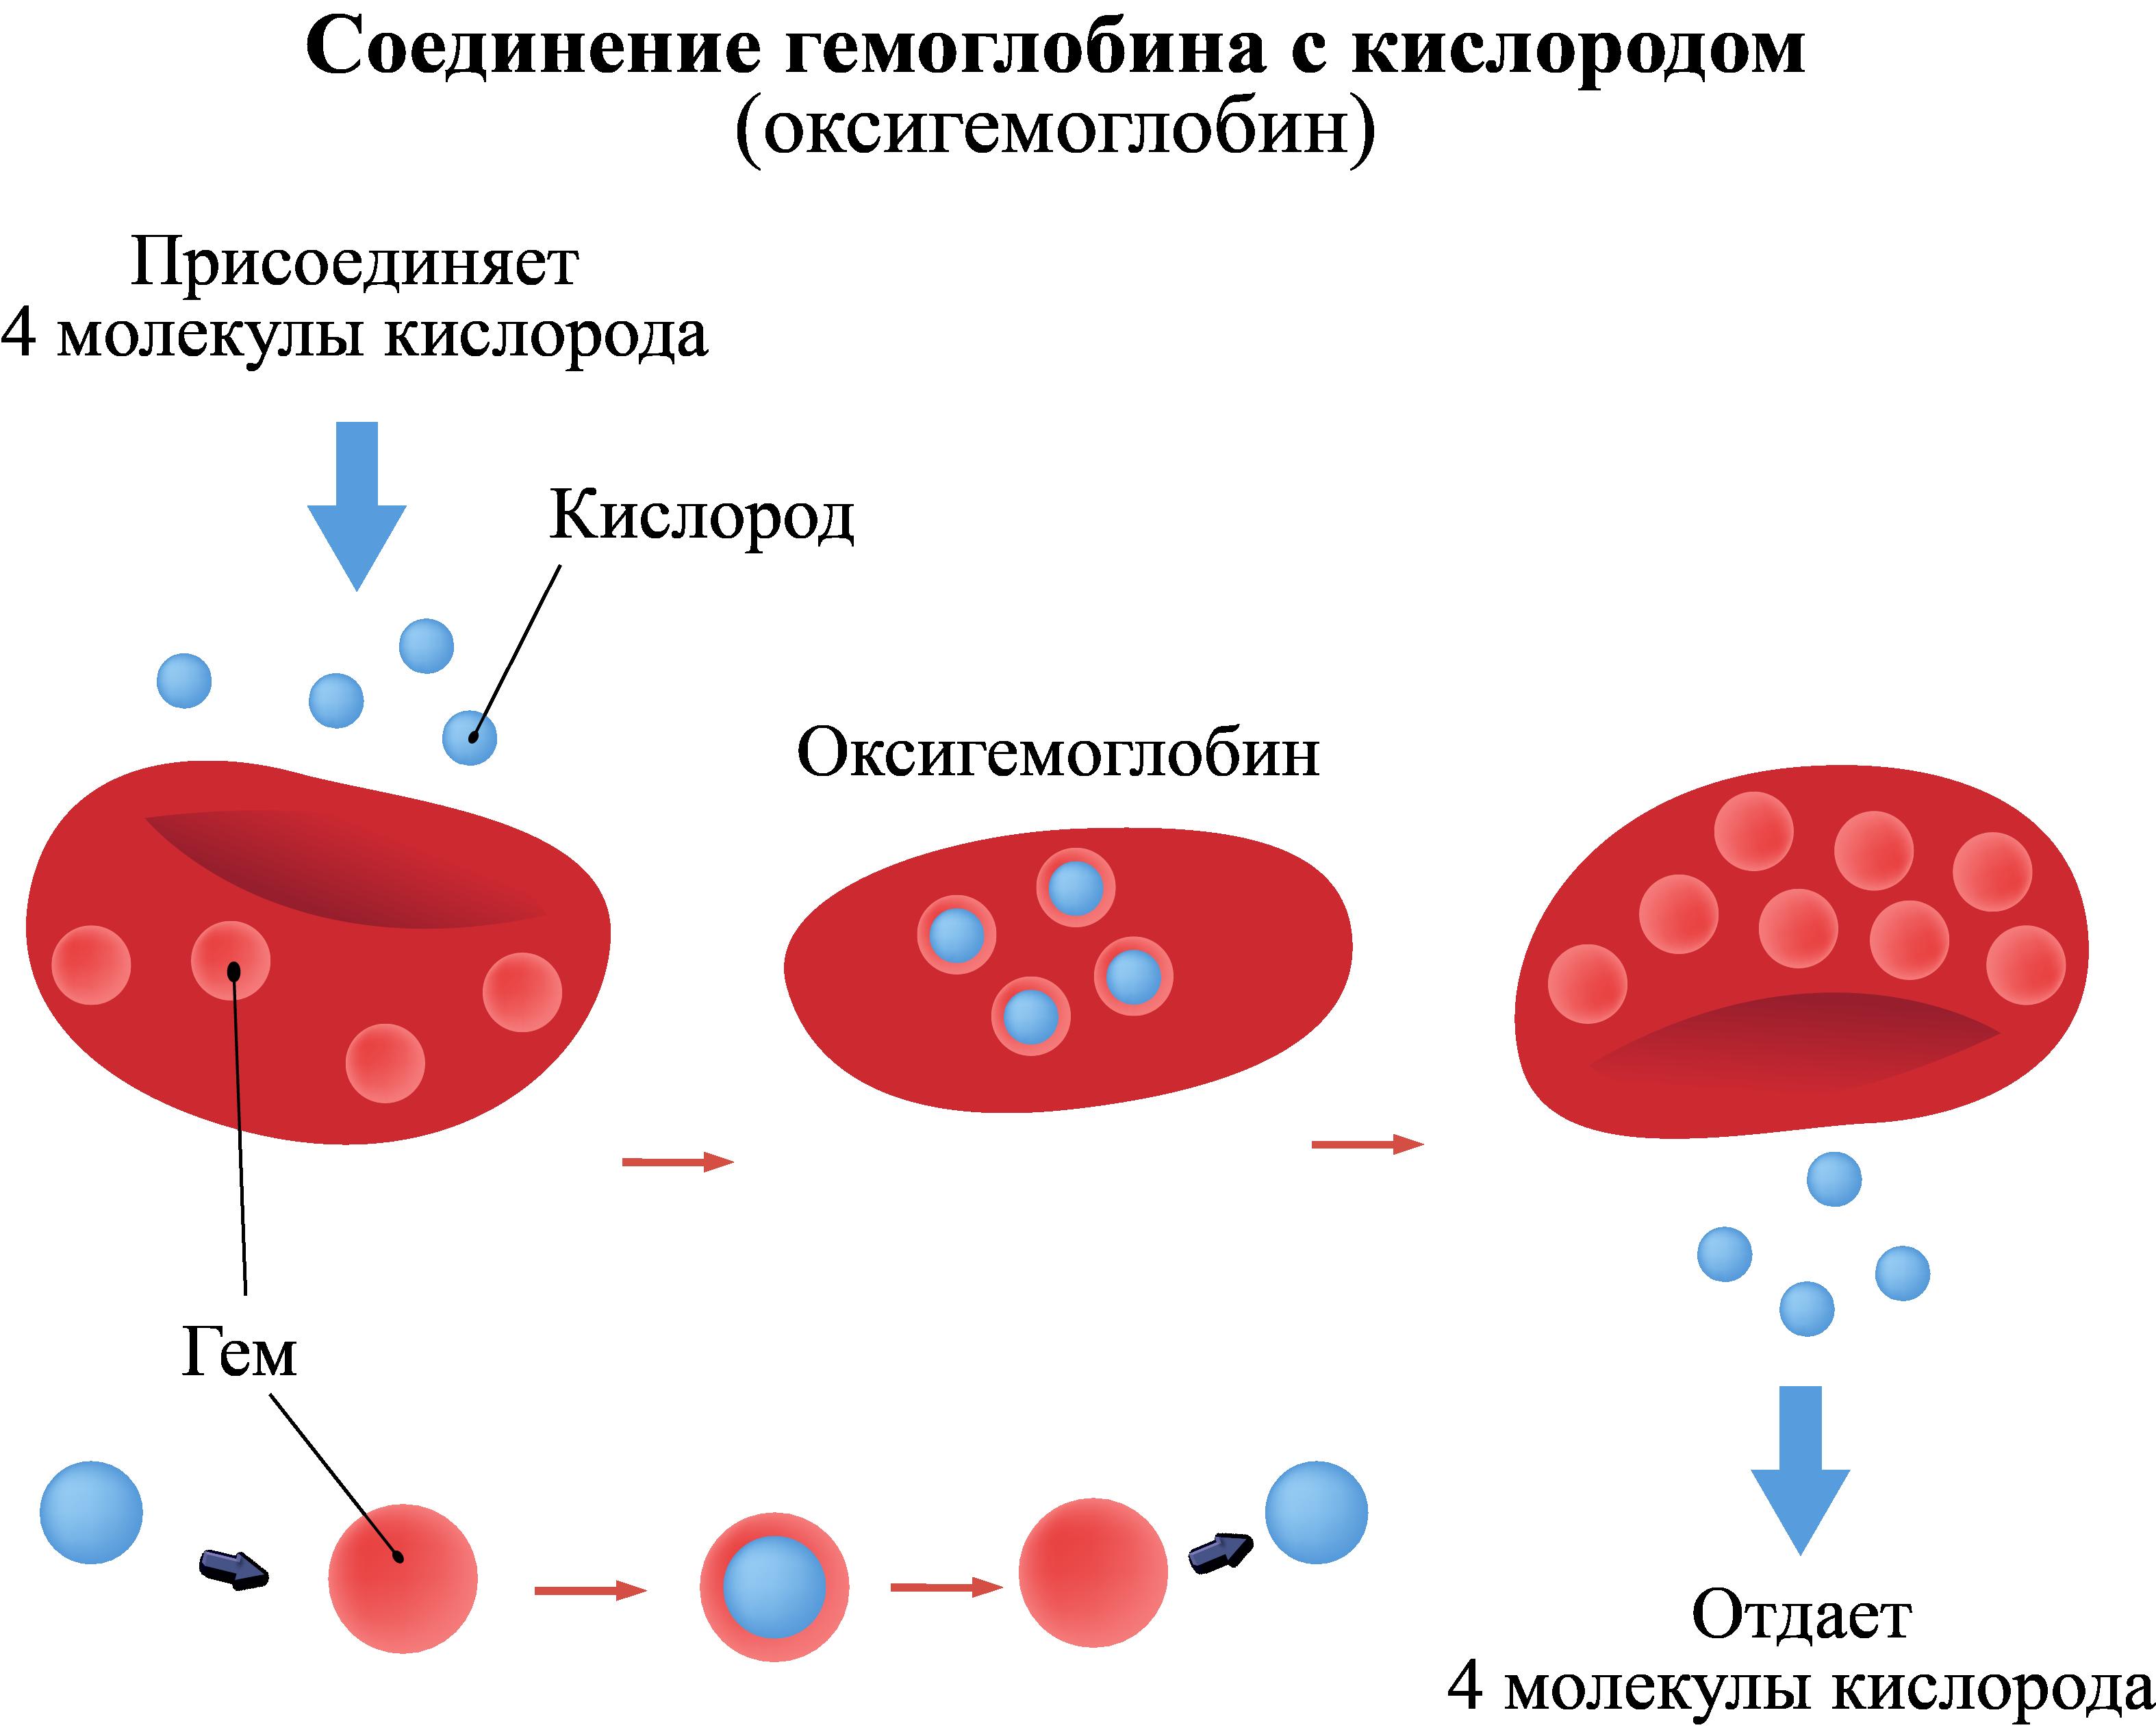 Соединение гемоглобина с кислородом